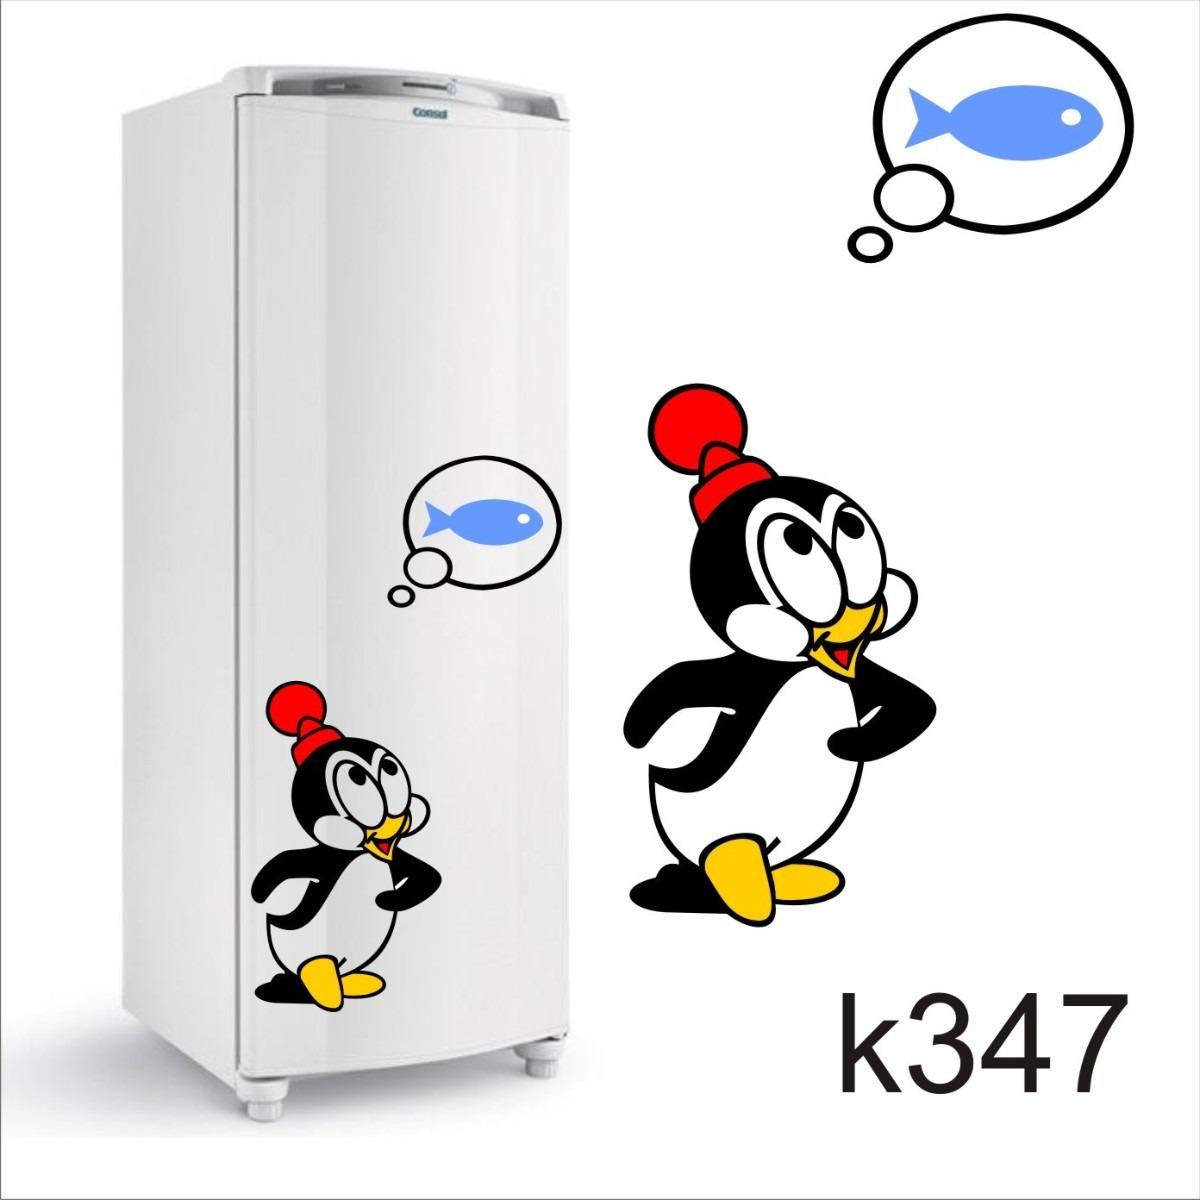 Aparador Em Mdf Com Gaveta ~ Adesivo K347 Adesivo Pinguim De Geladeira Picolino